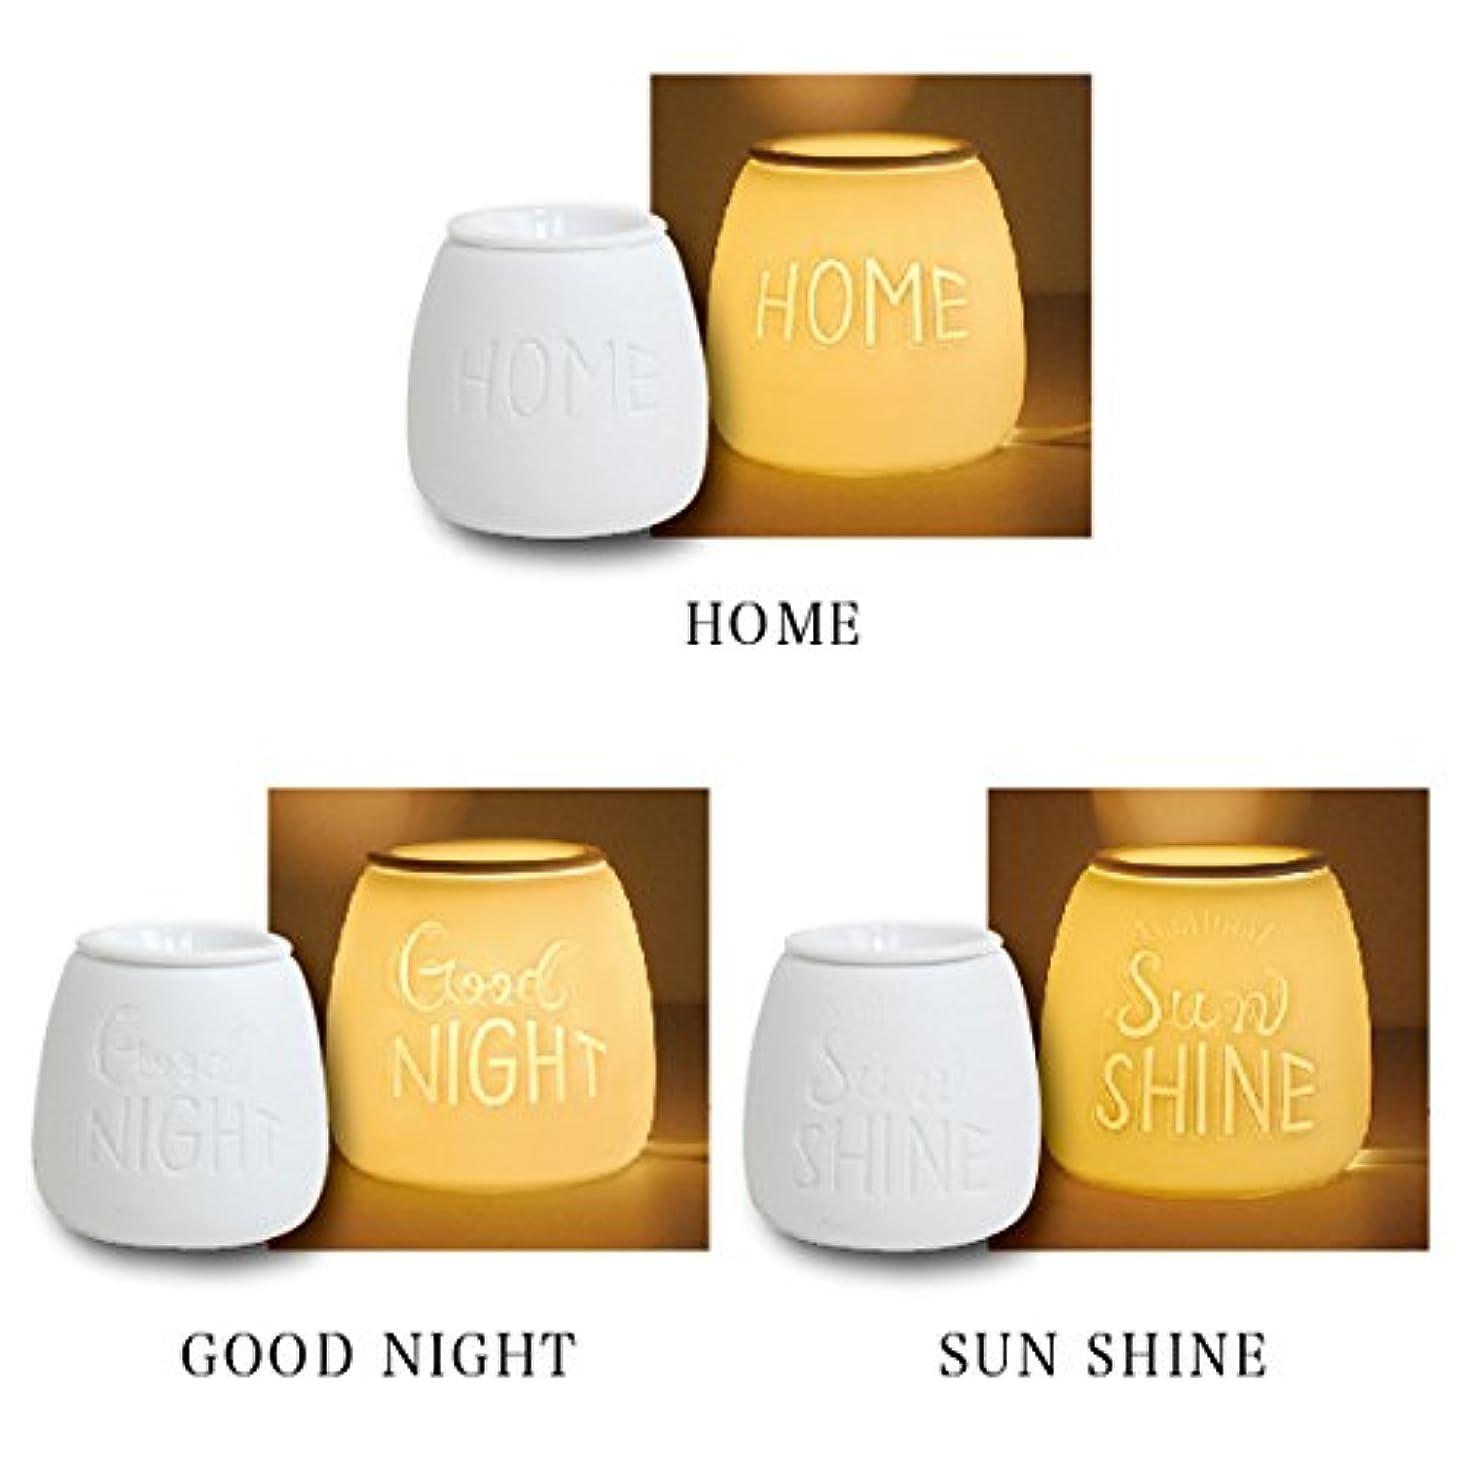 数男夕暮れレタリング アロマライト コード式 アロマランプ  タイマー 調光 機能付 (SUN SHINE)